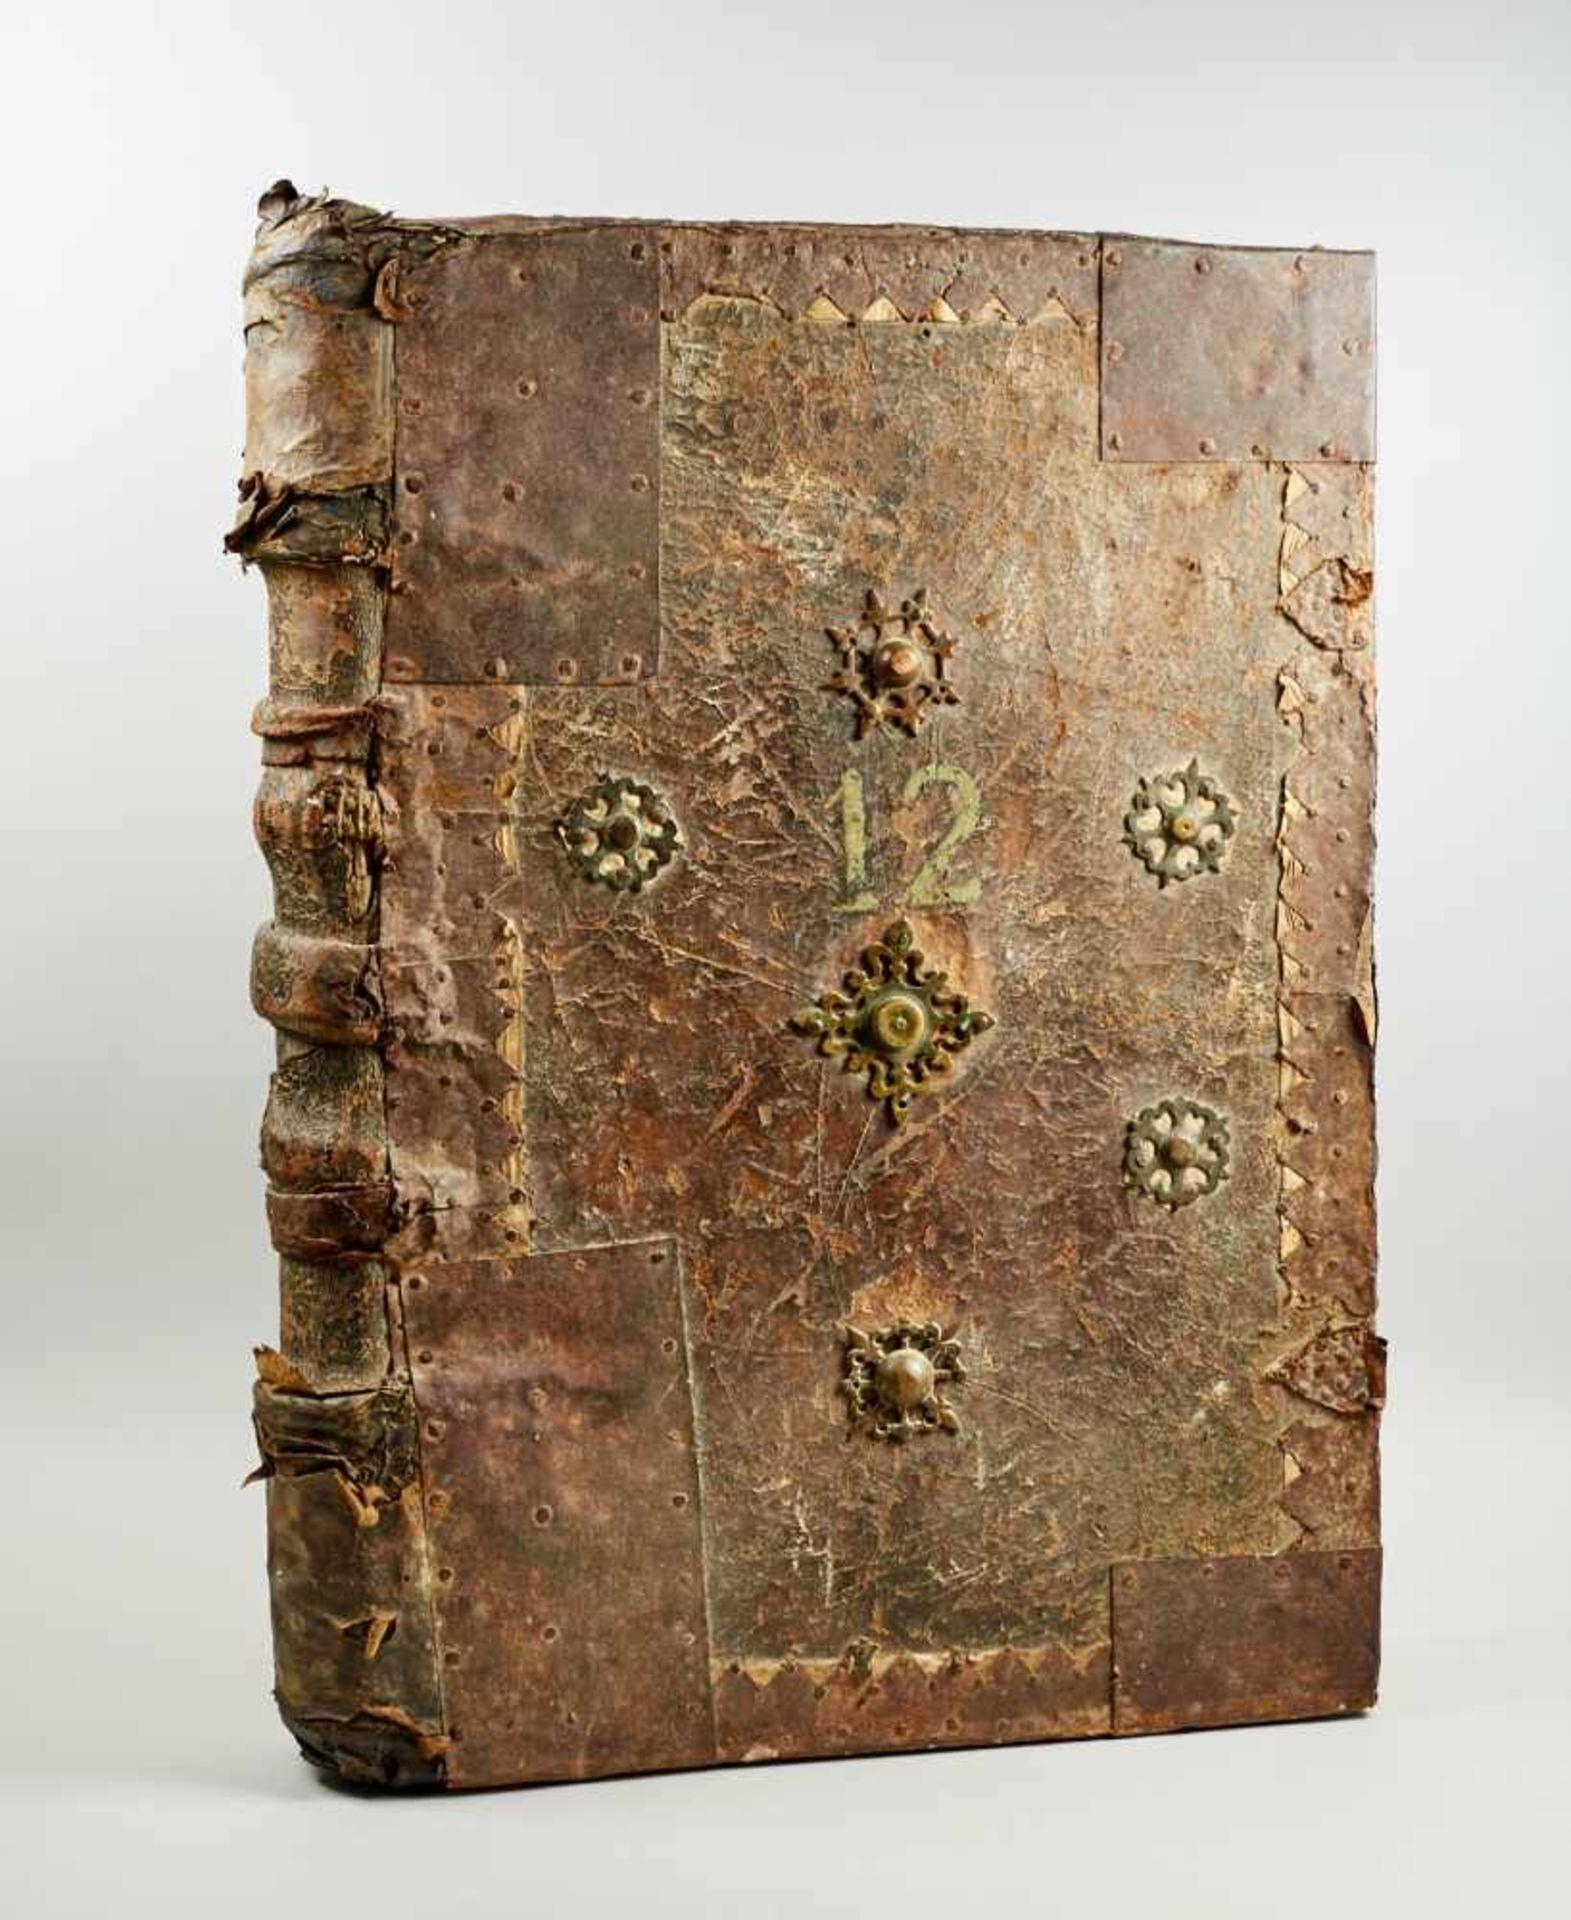 Antiphonar - Lateinische Handschrift auf Pergament. Nicht dat.Wohl Spanien, um 1600. Ca. 50 x 35 cm. - Bild 6 aus 7